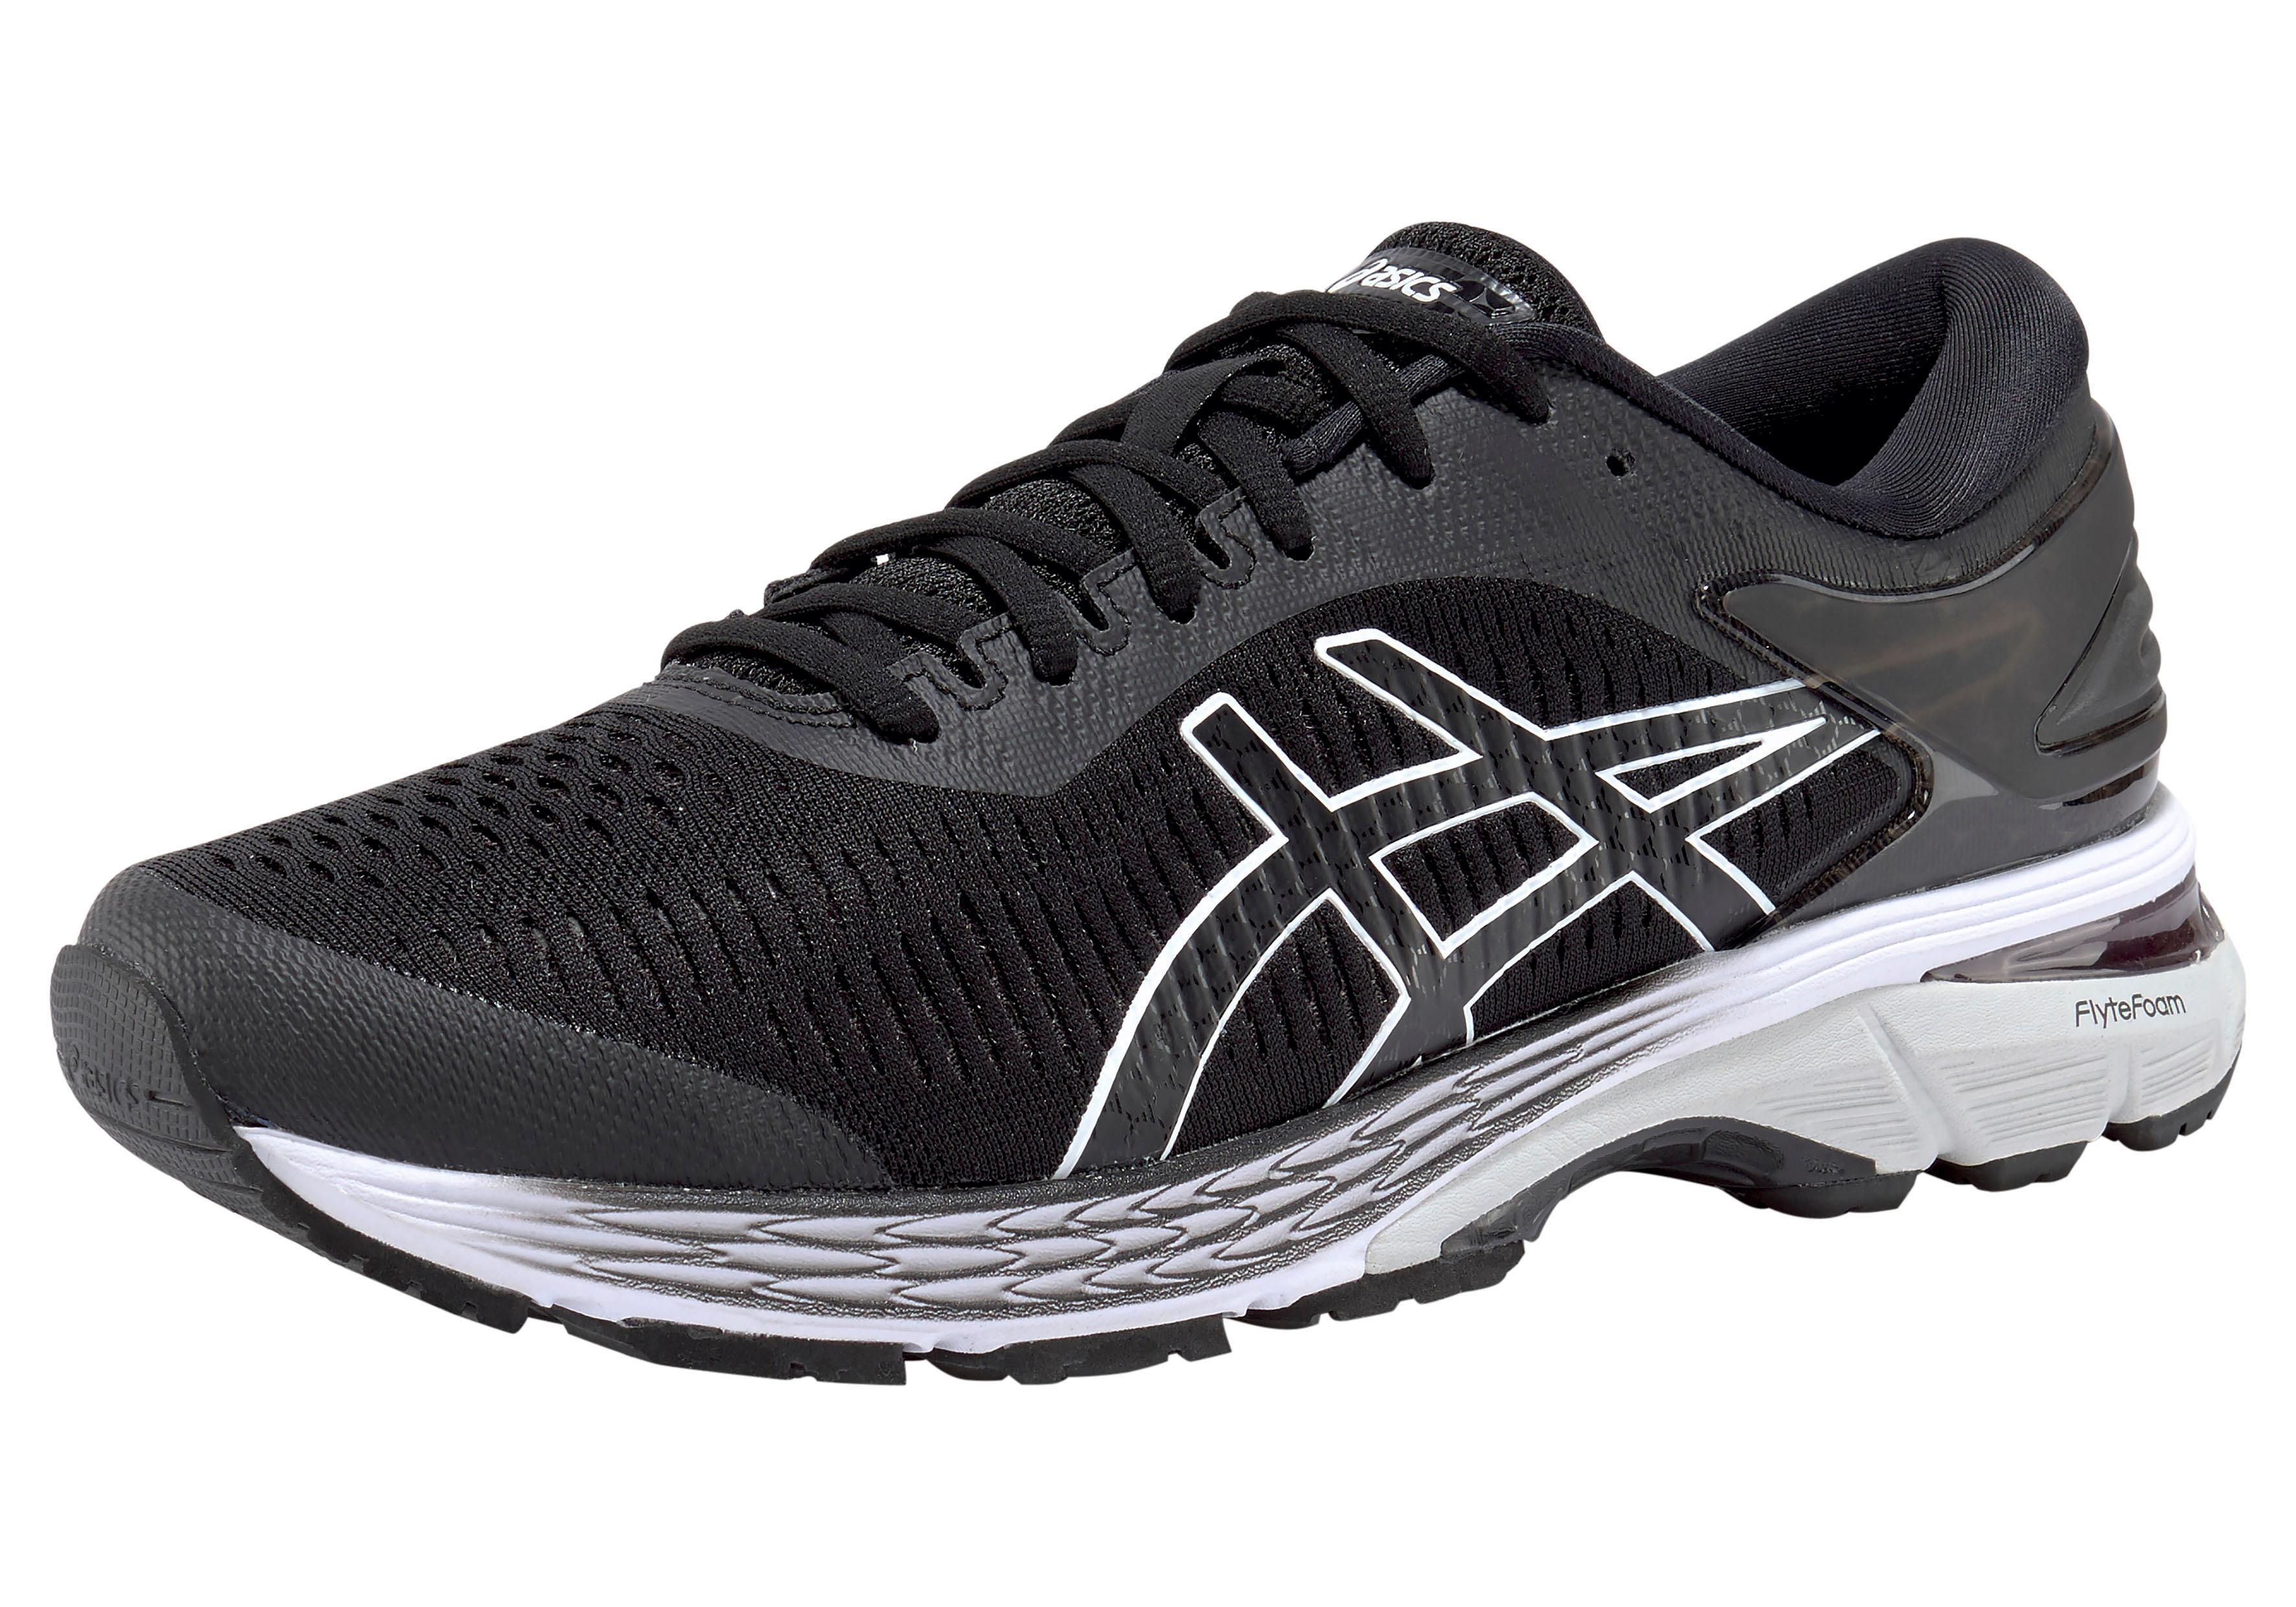 Asics Laufschuh GEL-KAYANO 25   Schuhe > Sportschuhe > Laufschuhe   ASICS